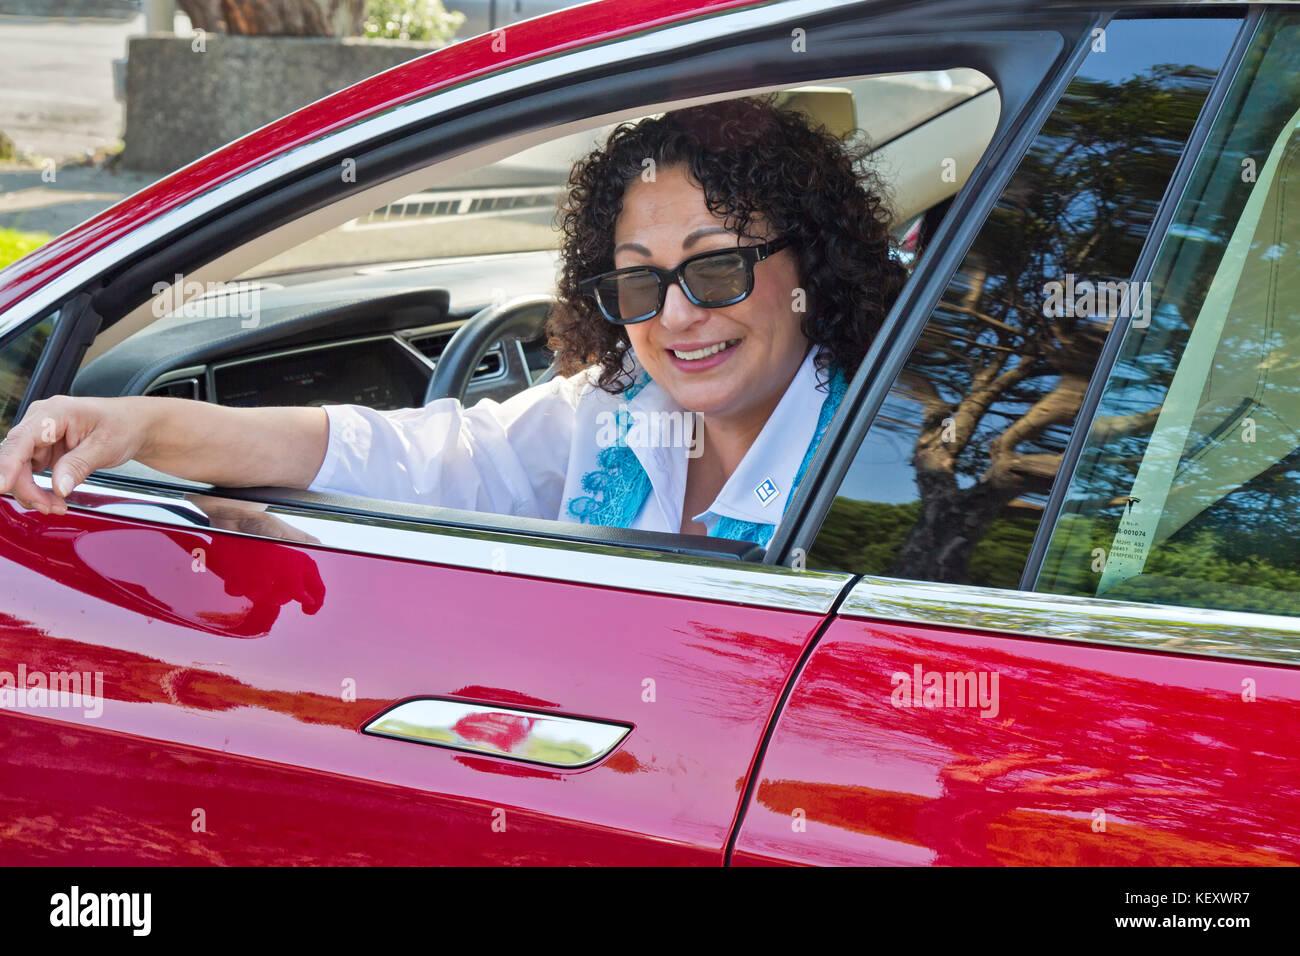 Feliz sonriendo Tesla sedán 'S' femenino, propietario de la estación de supercargador. Imagen De Stock